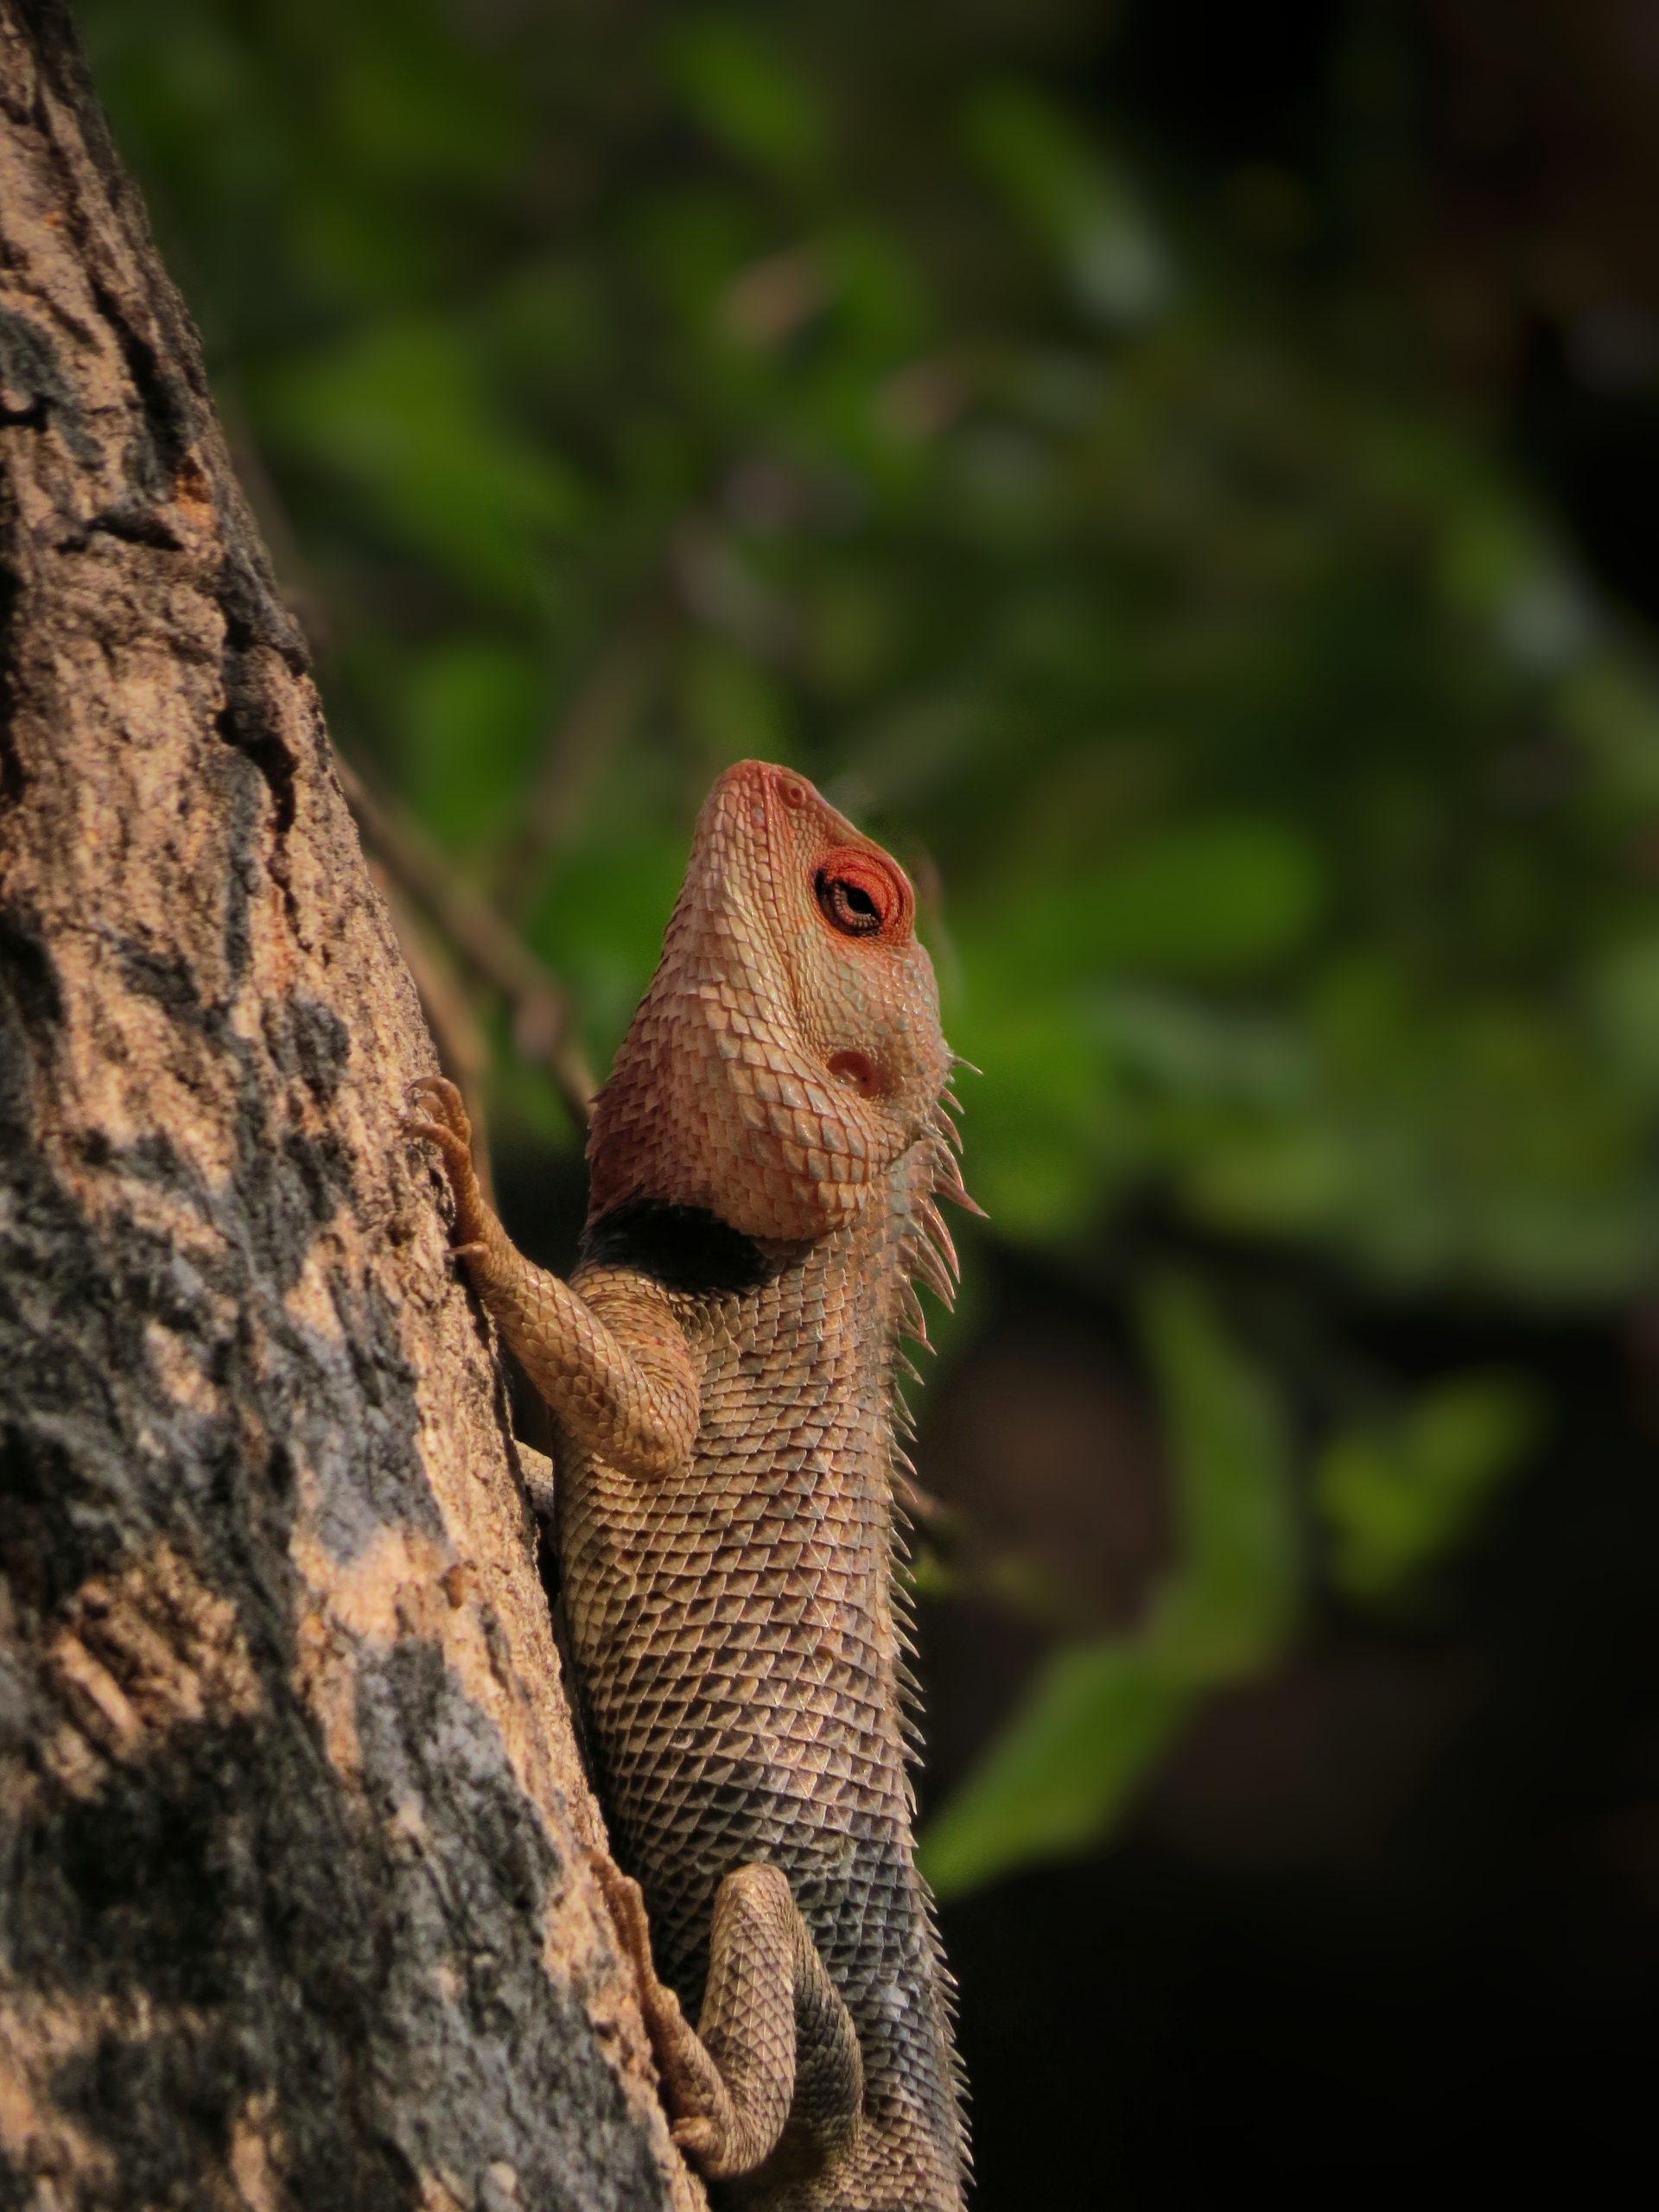 A garden lizard on a tree